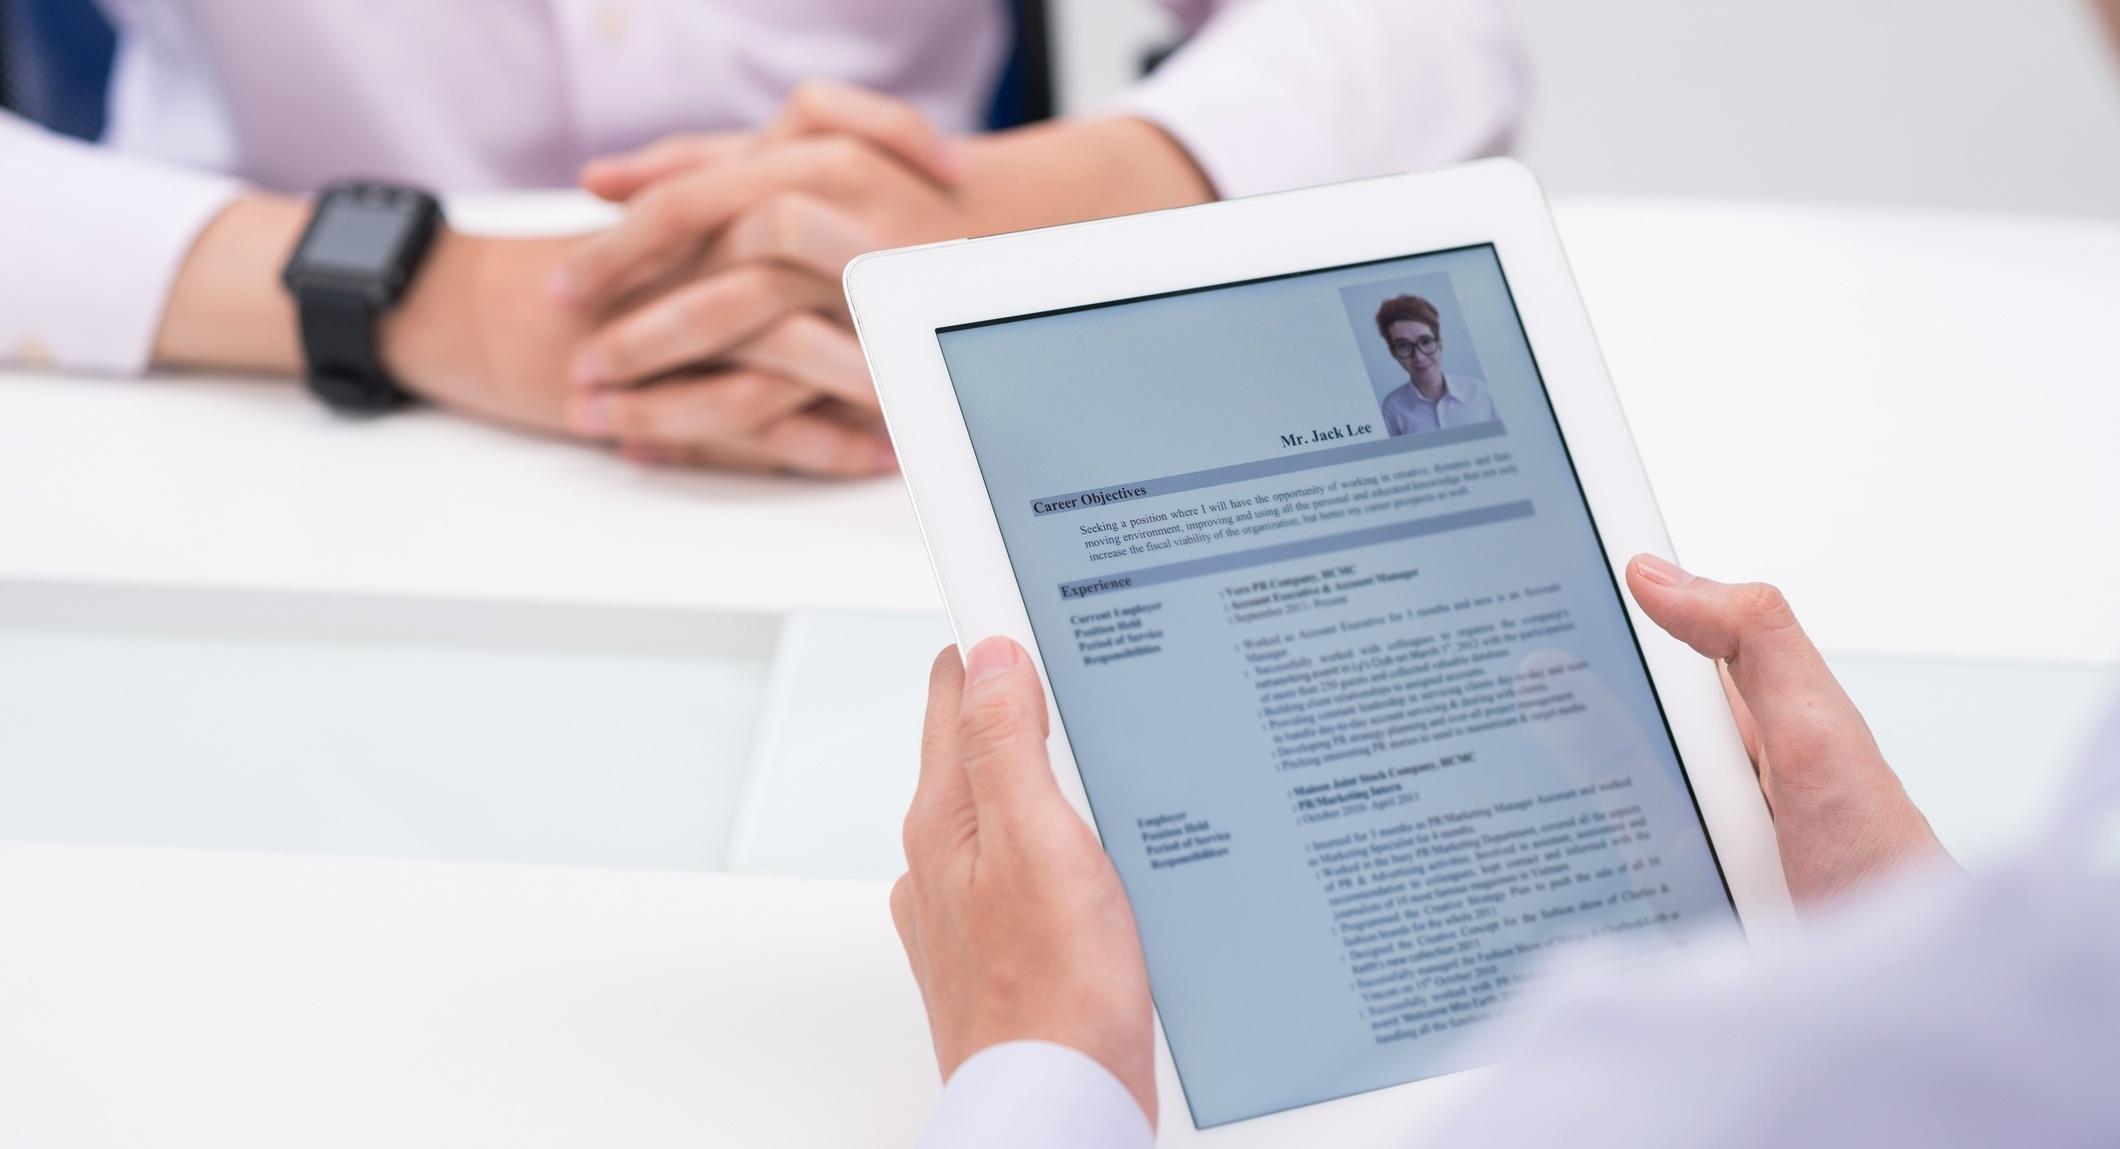 10 Preguntas para entrevistas de marketing recomendadas por el CMO de HubSpot